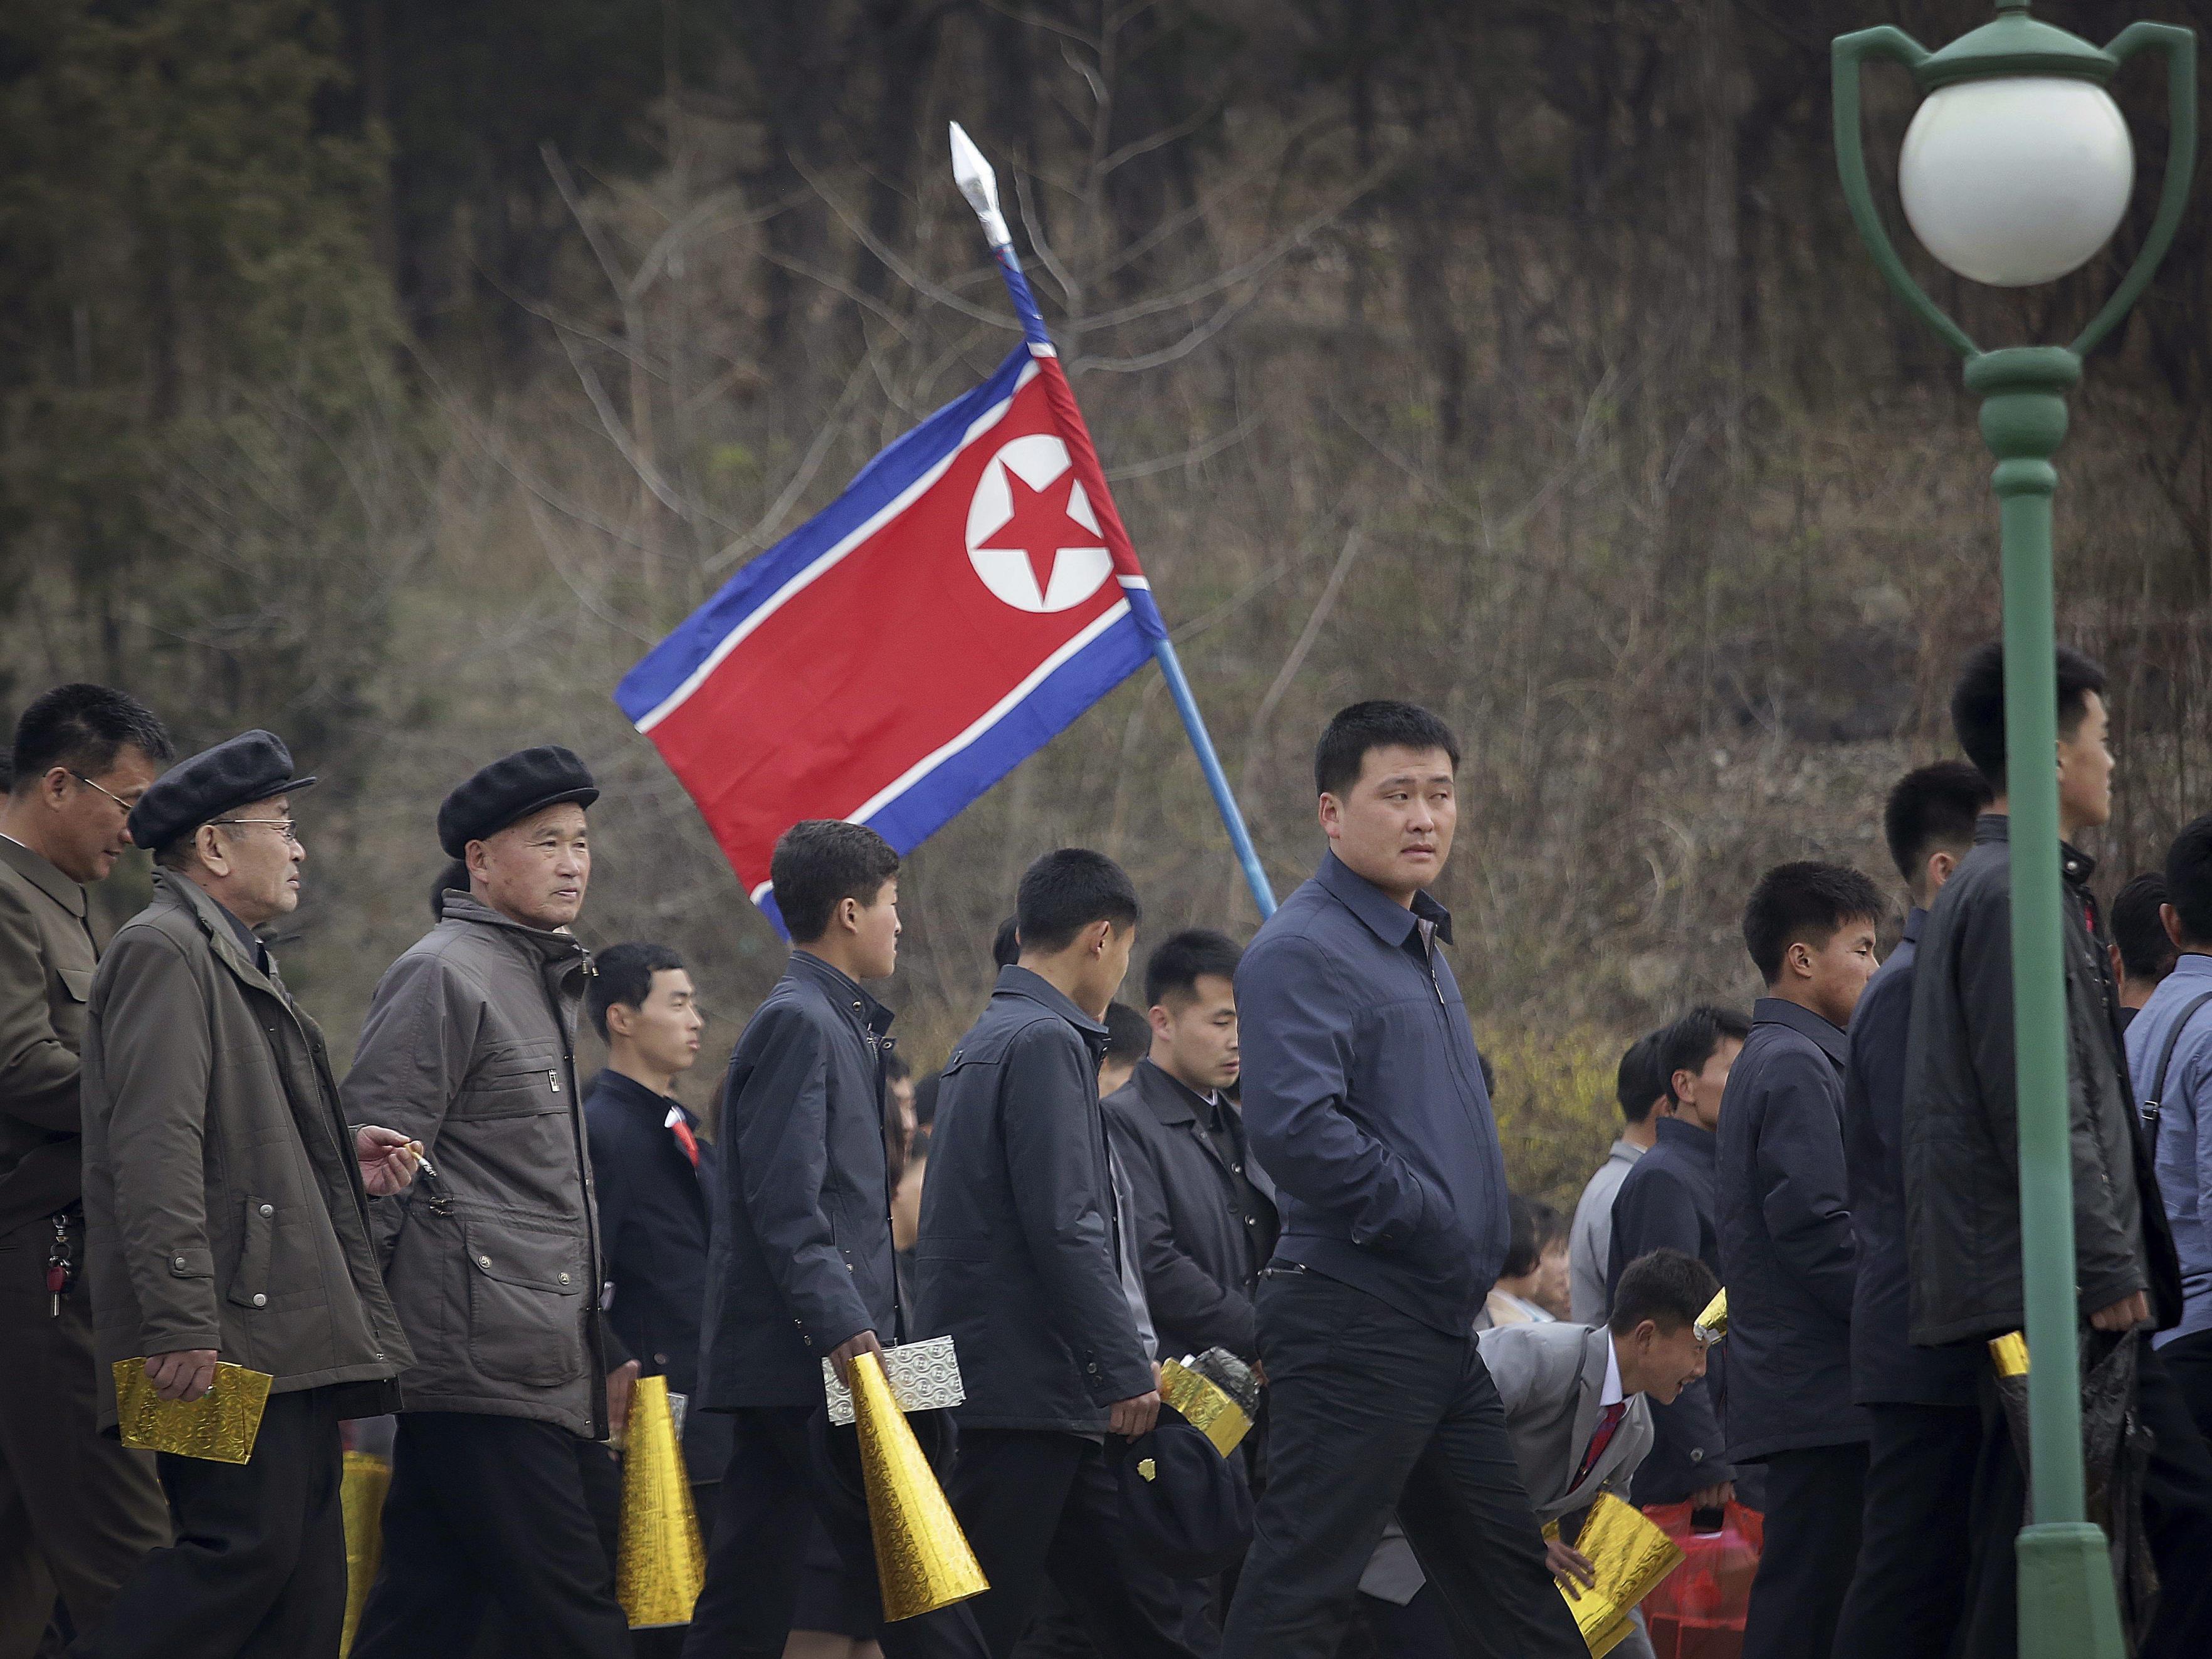 Diese Fans besuchten gerade ein Fußballspiel in Nordkorea.